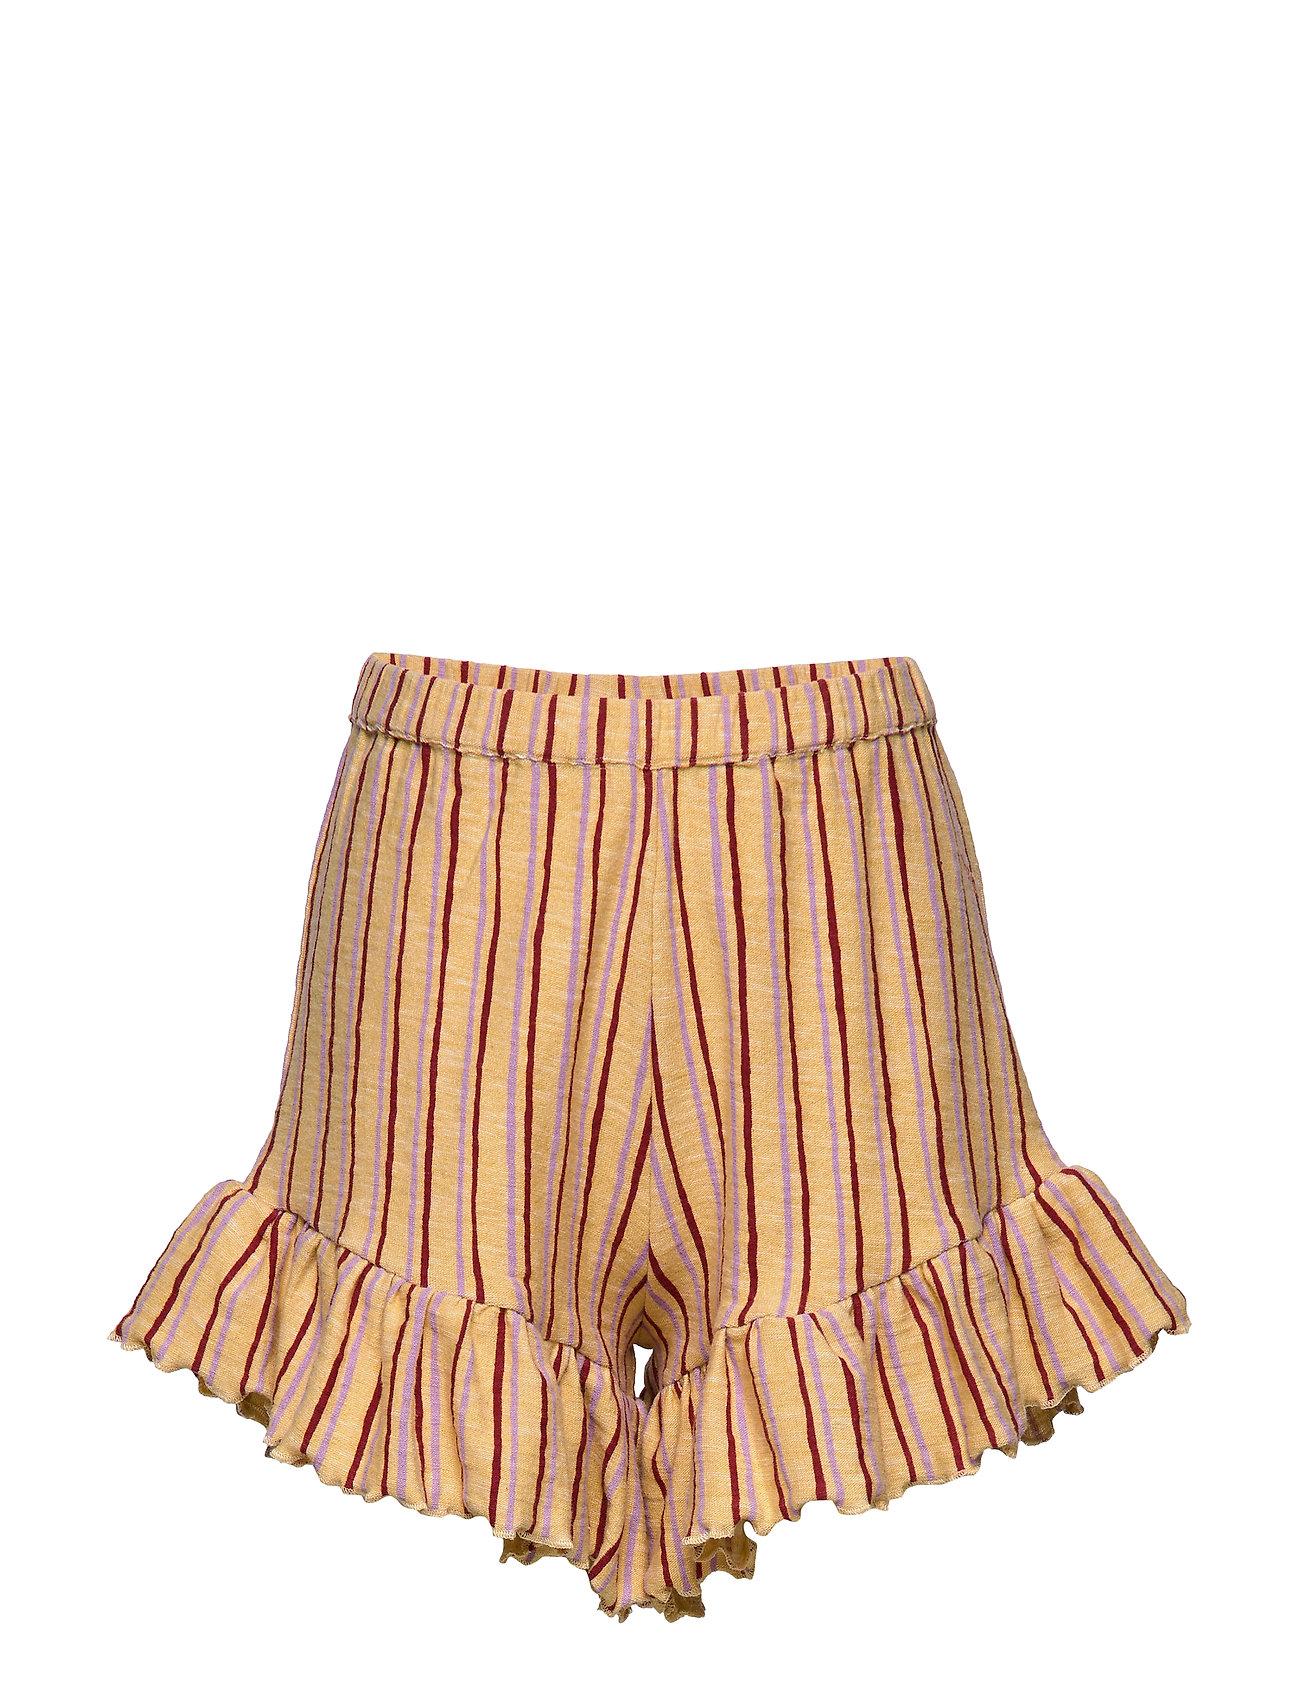 Soft Gallery Florie Shorts - JOJOBA, AOP FRINGE